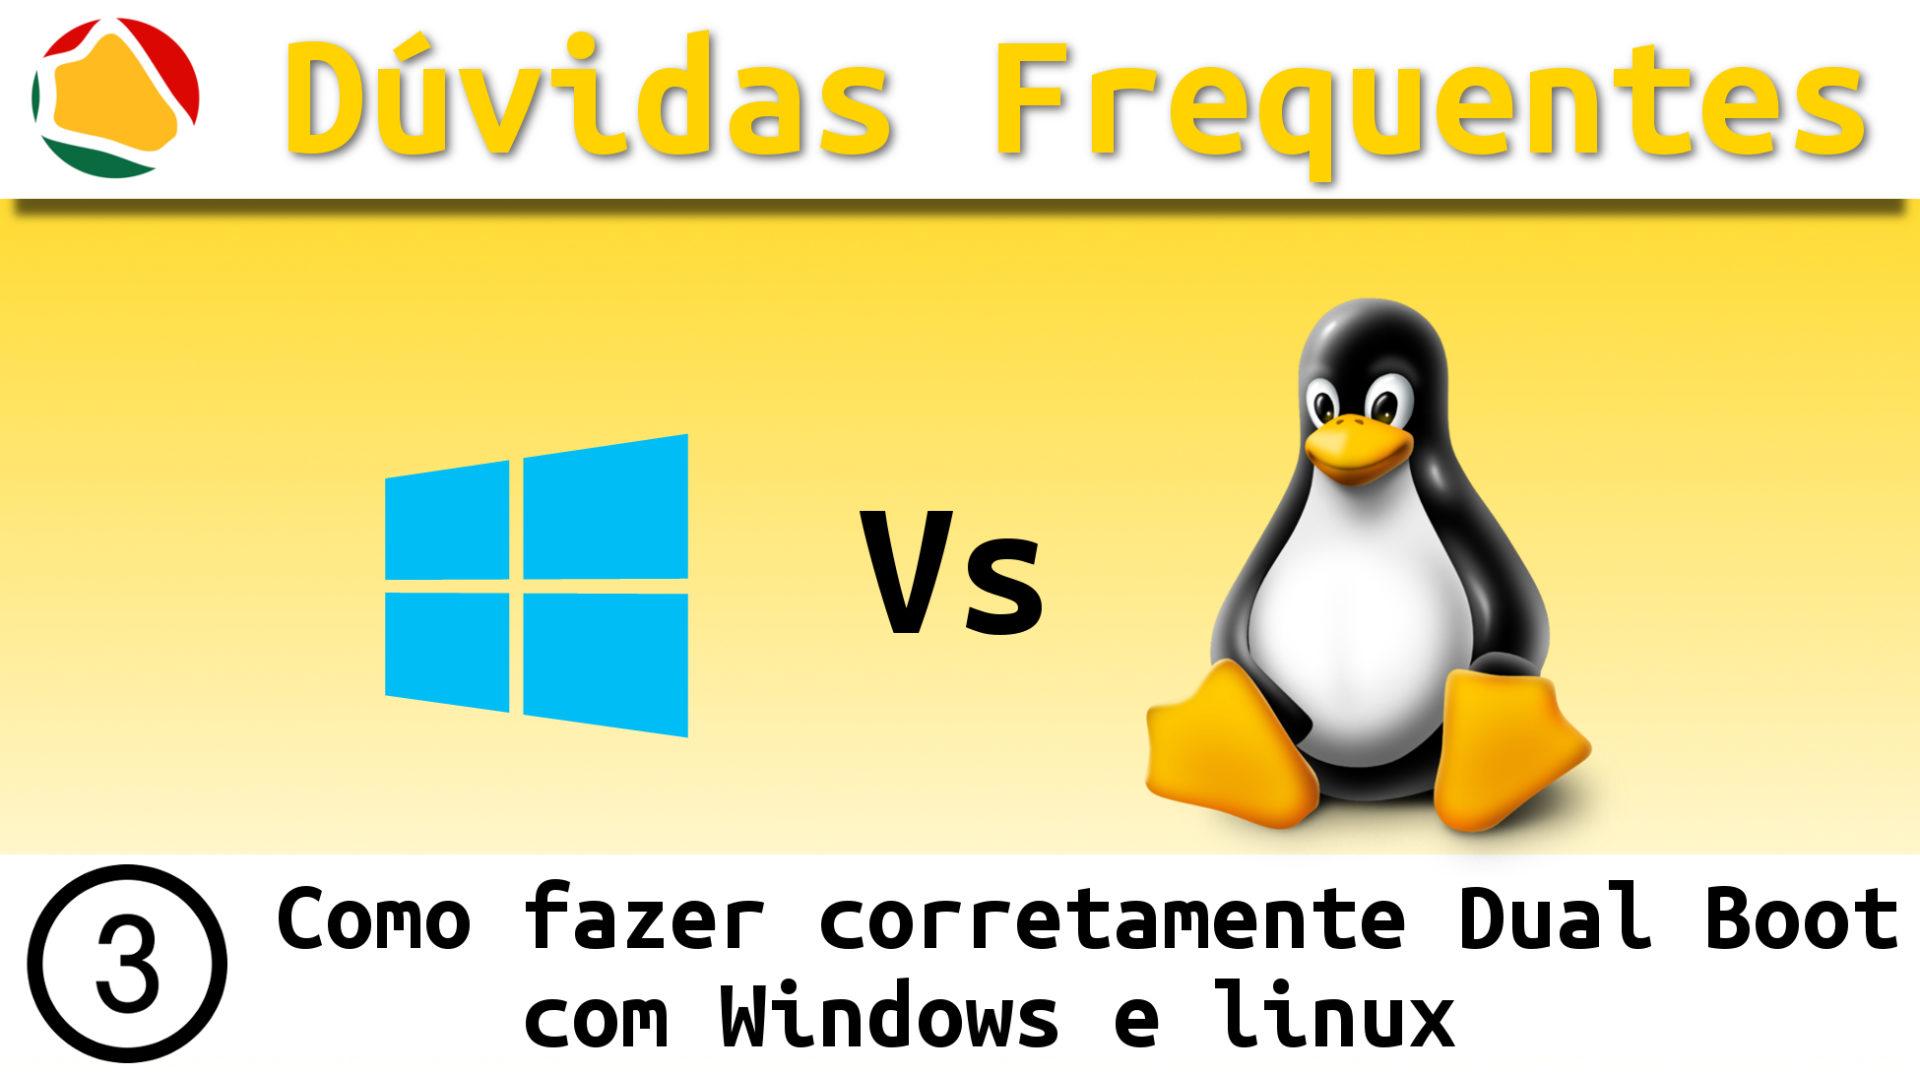 [Dúvidas Frequentes] #3 Como fazer corretamente Dual Boot com Windows e Linux